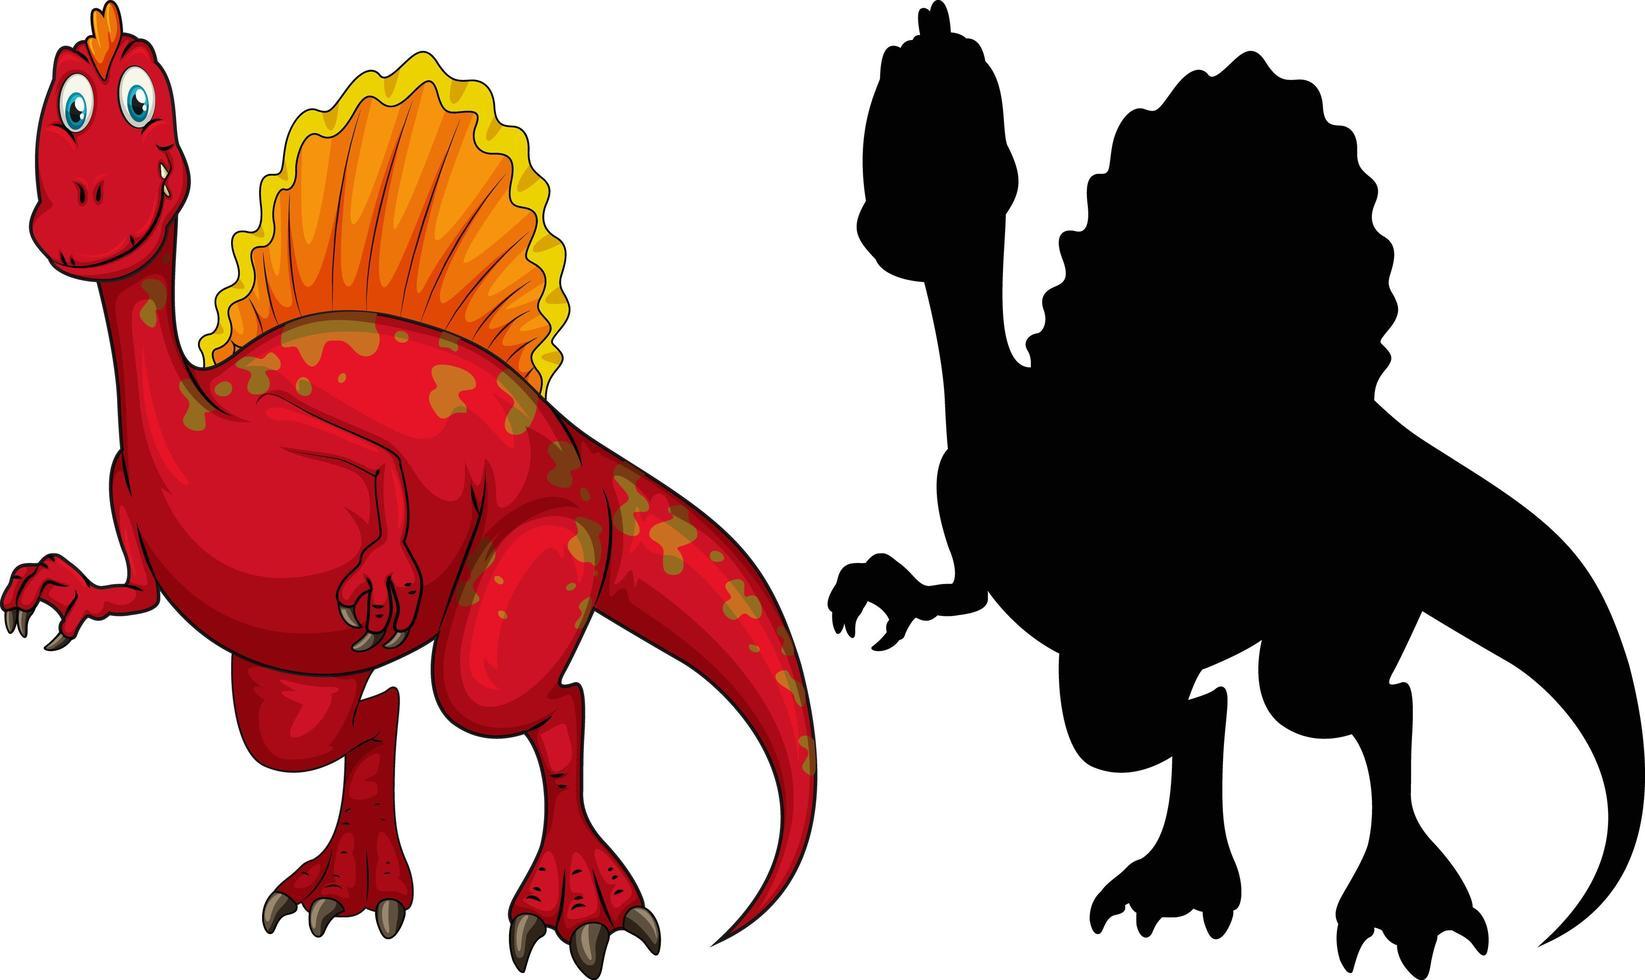 conjunto de personaje de dibujos animados de dinosaurios y su silueta vector